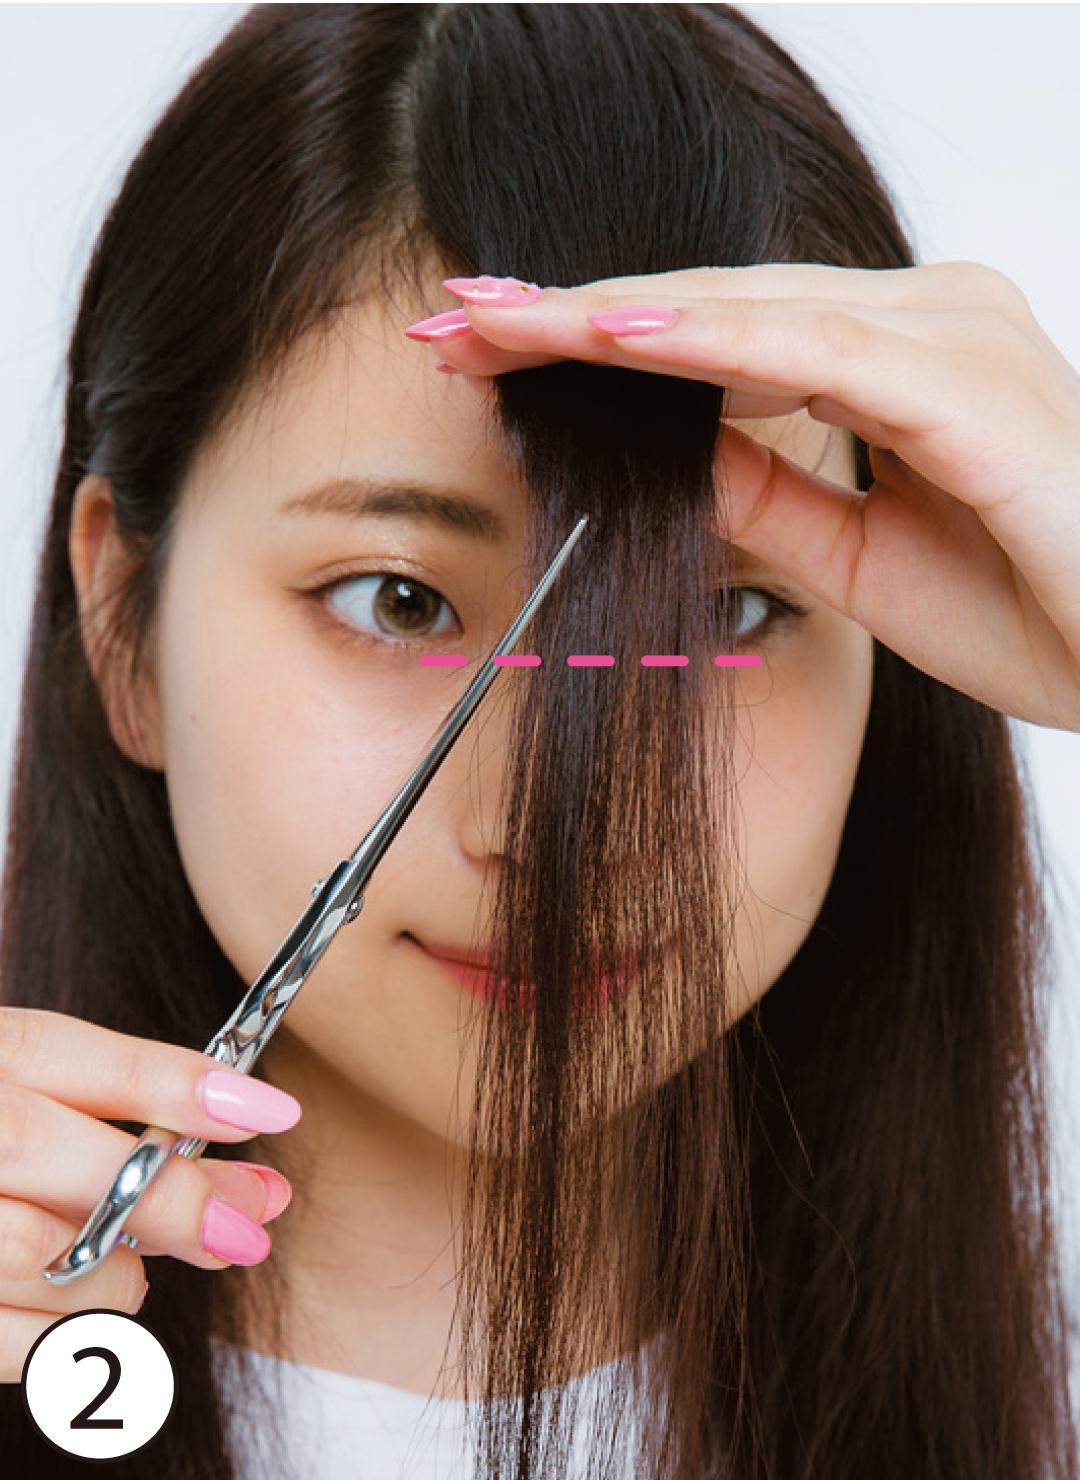 ②長めにカットして重さを残す 基本のカット②では前髪の長さを目の下に設定するのがコツ。短くカットしてしまうと、内側の前髪が浮いてしまい、おでこを目立たせてしまう。